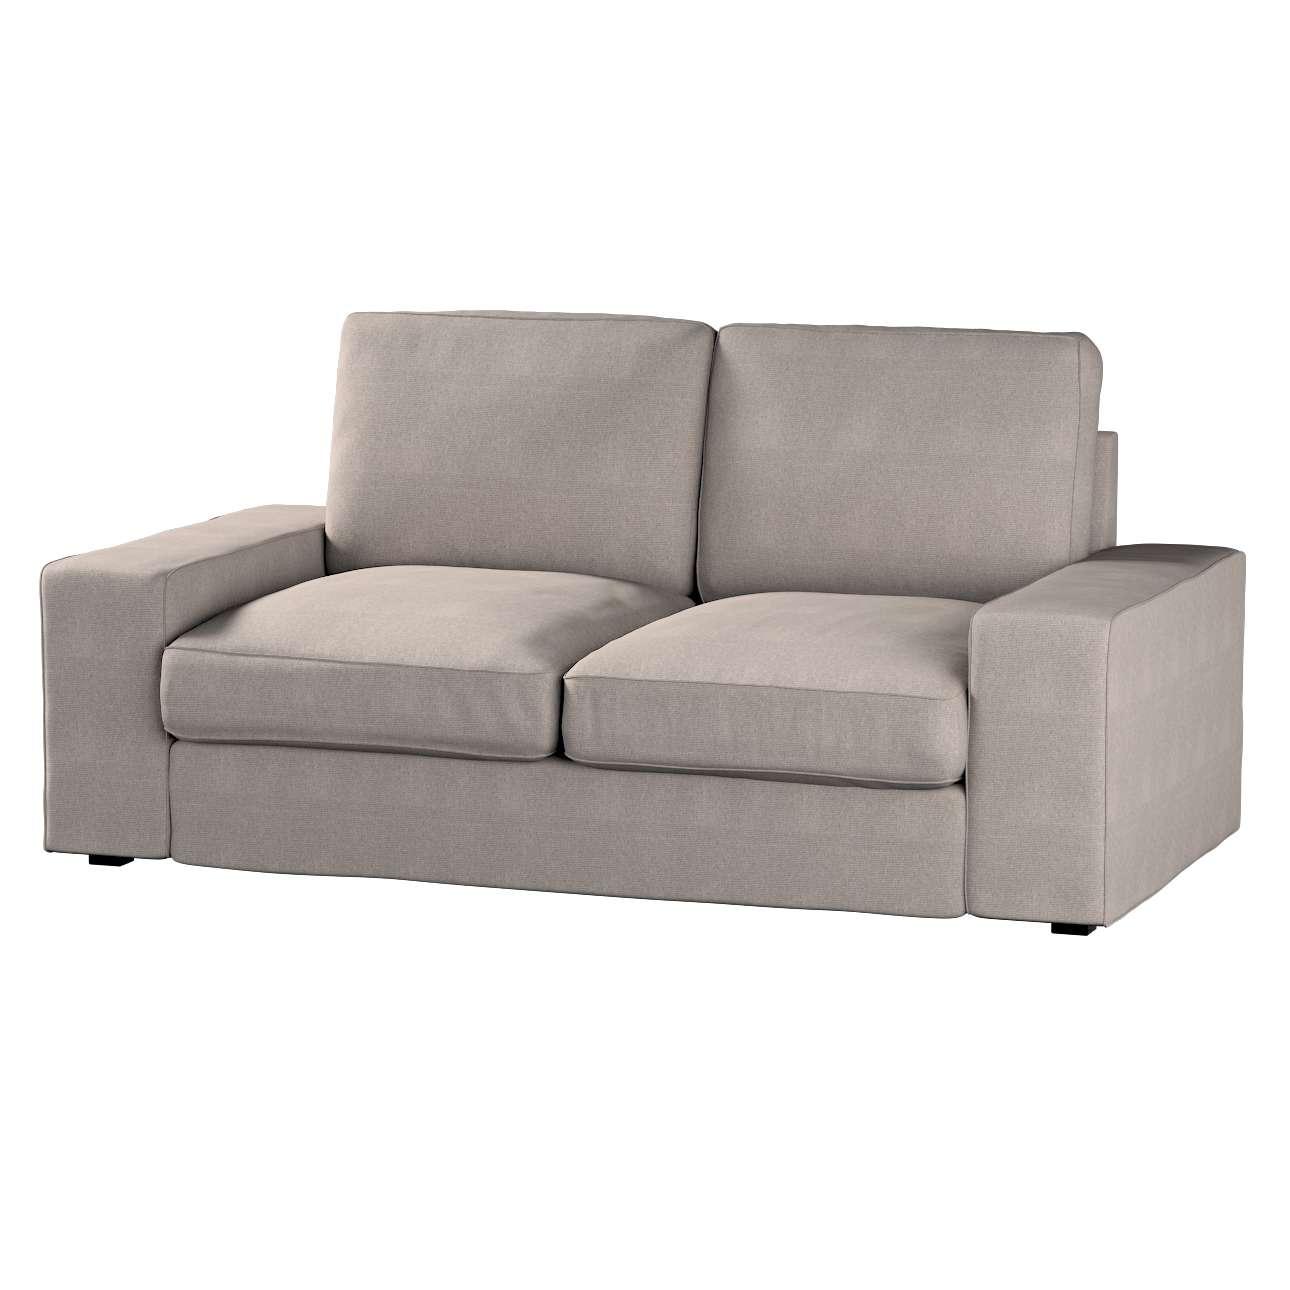 Pokrowiec na sofę Kivik 2-osobową, nierozkładaną Sofa Kivik 2-osobowa w kolekcji Etna , tkanina: 705-09